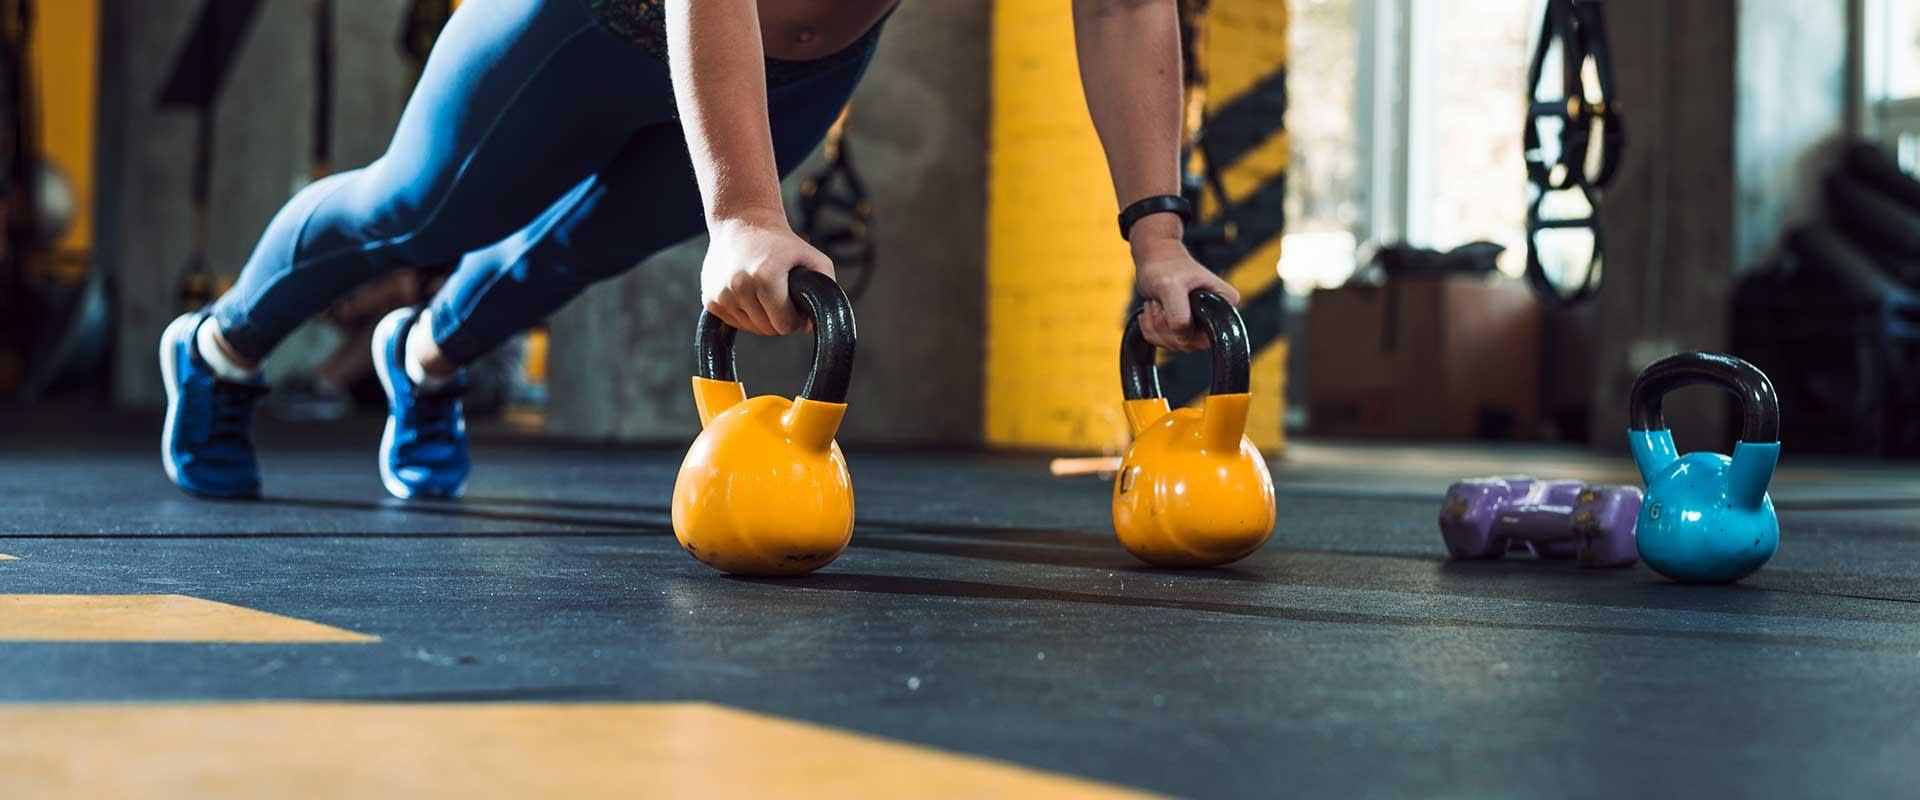 iaam-fitness-and-wellness-slide-14